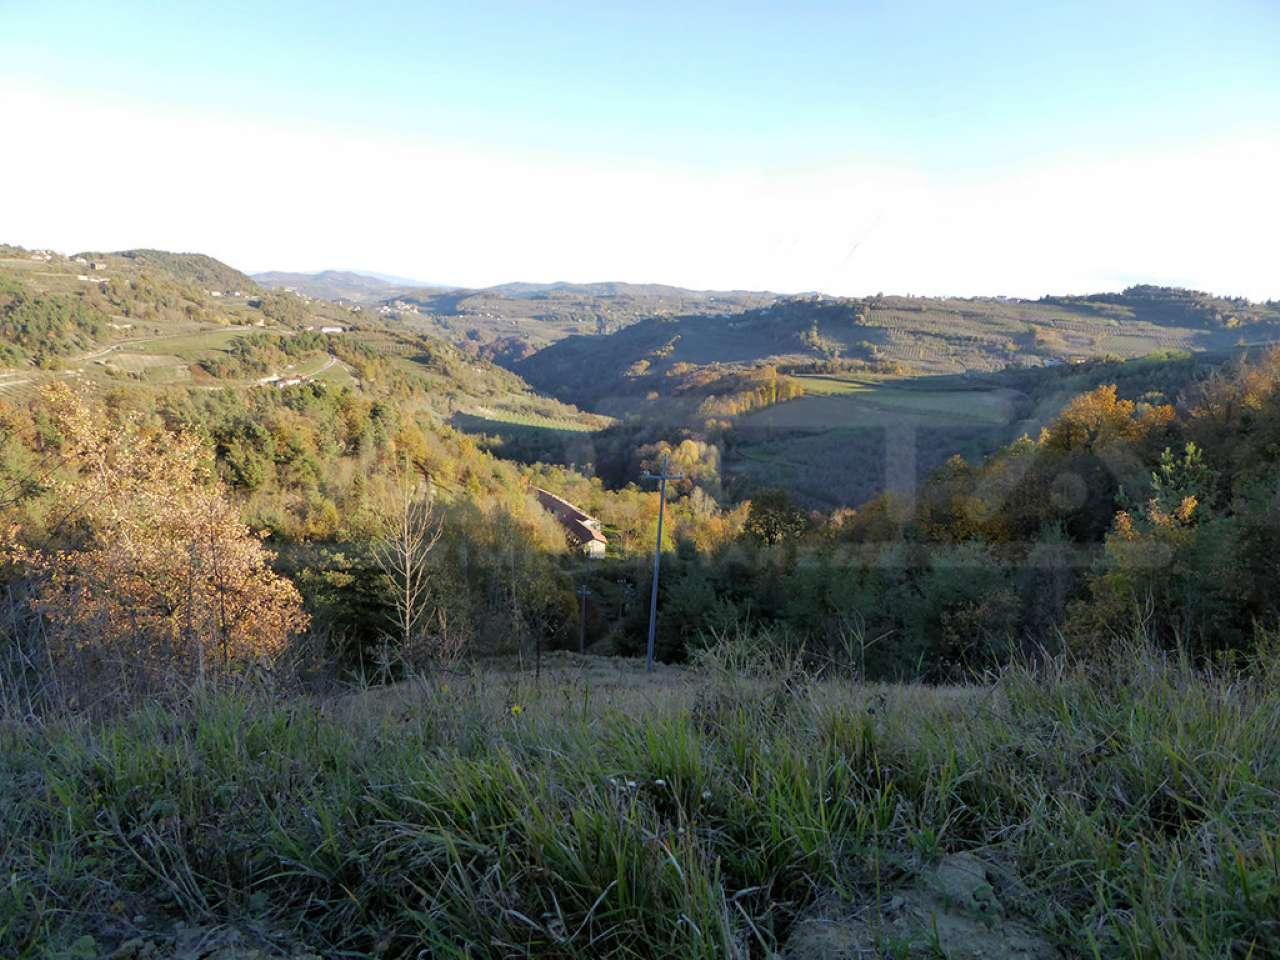 Terreno Agricolo in vendita a Bossolasco, 10 locali, prezzo € 535.000 | PortaleAgenzieImmobiliari.it